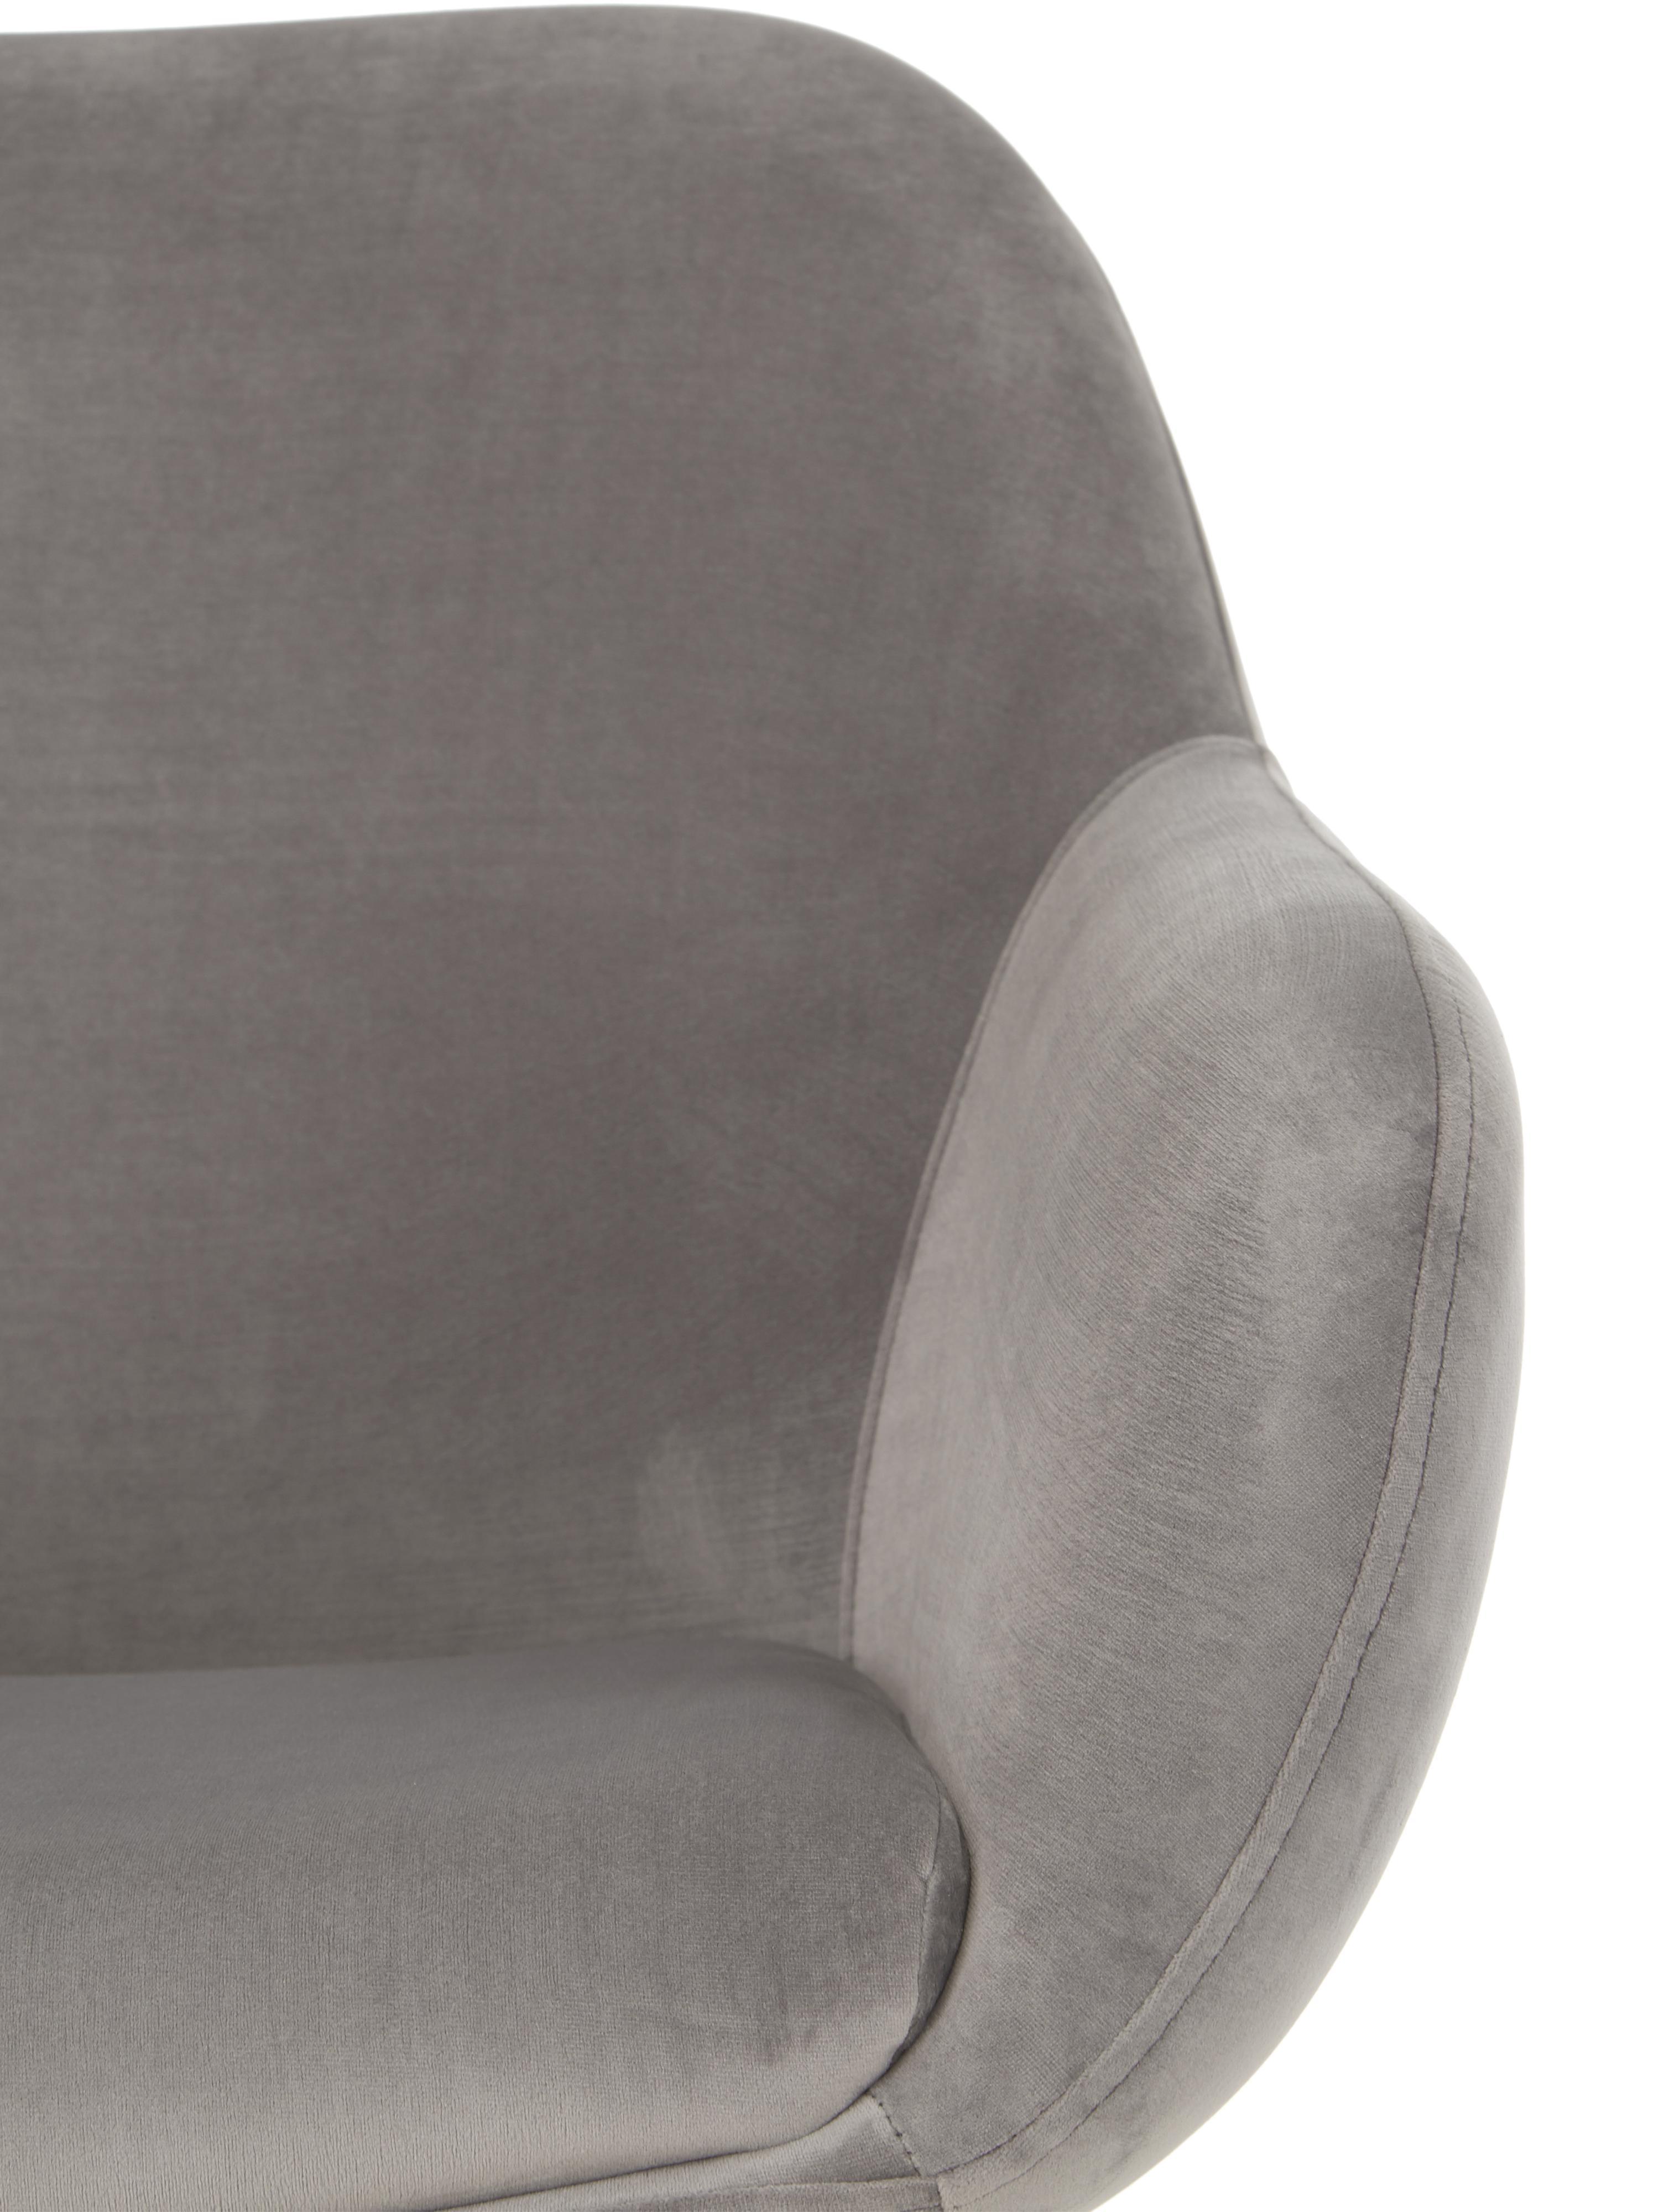 Sillón de terciopelo Jana, Tapizado: terciopelo (poliéster) 25, Patas: metal pintado, Gris, negro, An 72 x F 68 cm